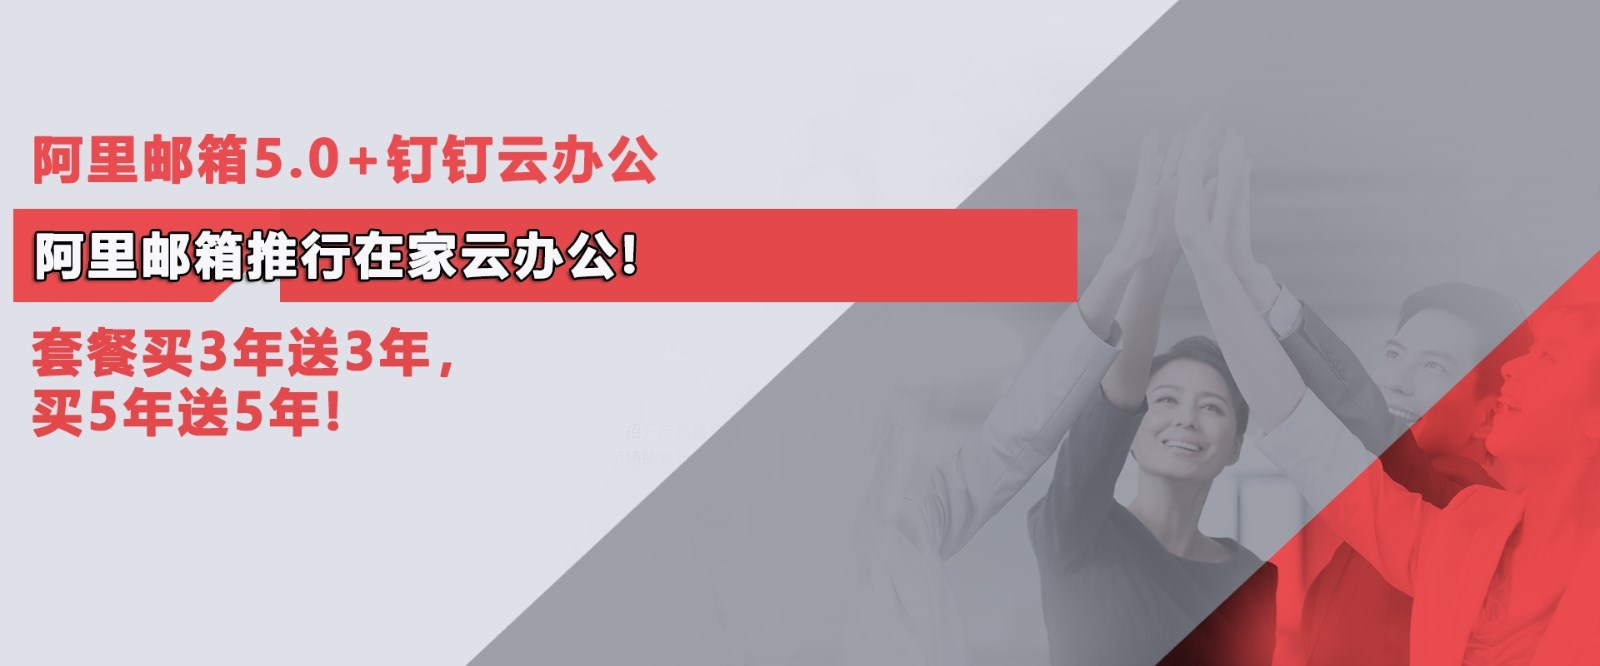 高品质购买阿里云邮报价_阿里云邮购买相关-深圳市小龙科技信息咨询有限公司